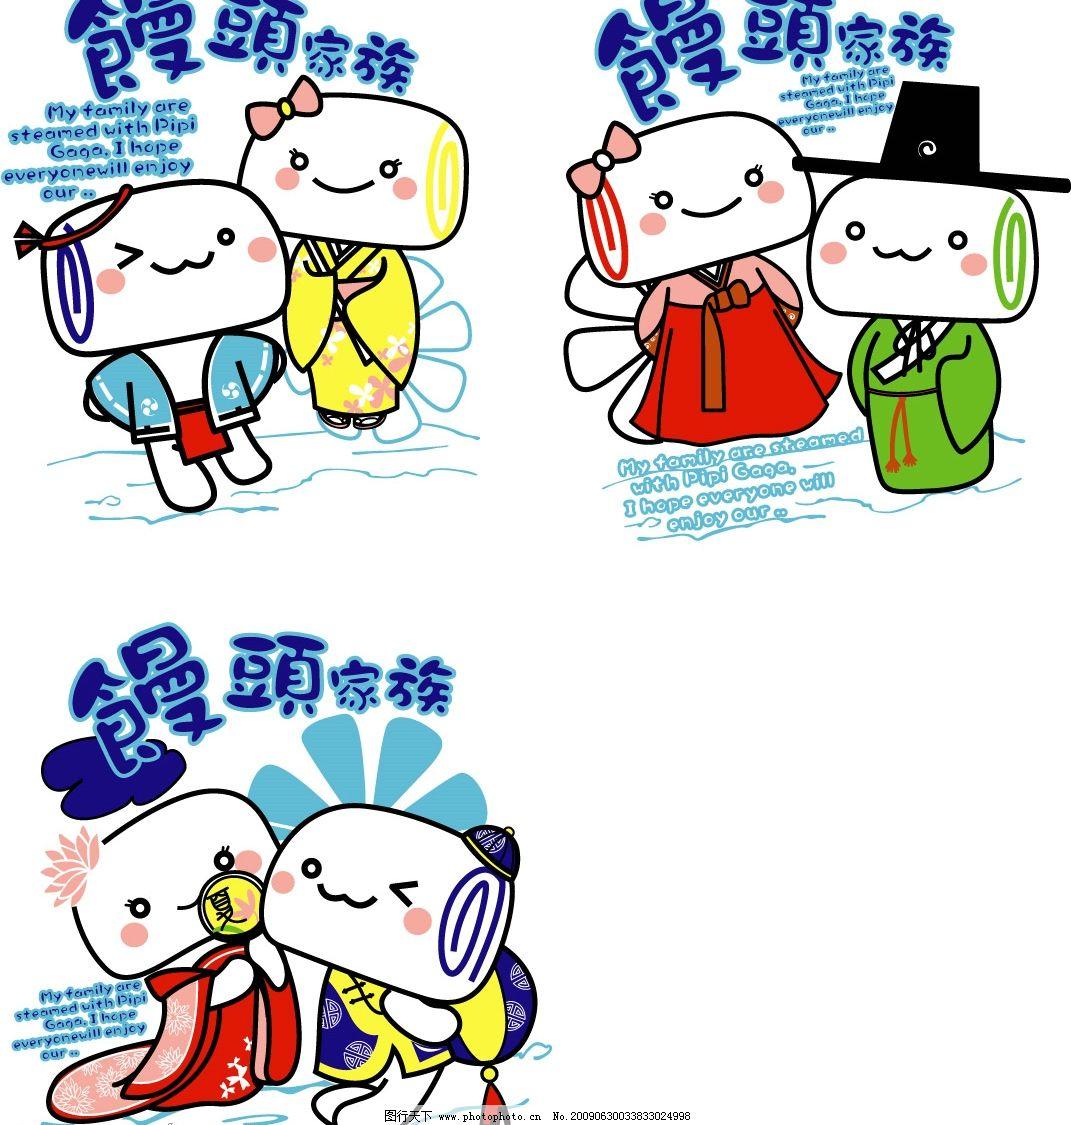 馒头家族 卡通小人物 和服 日本传统卡通 可爱的小人 卡通 其他矢量